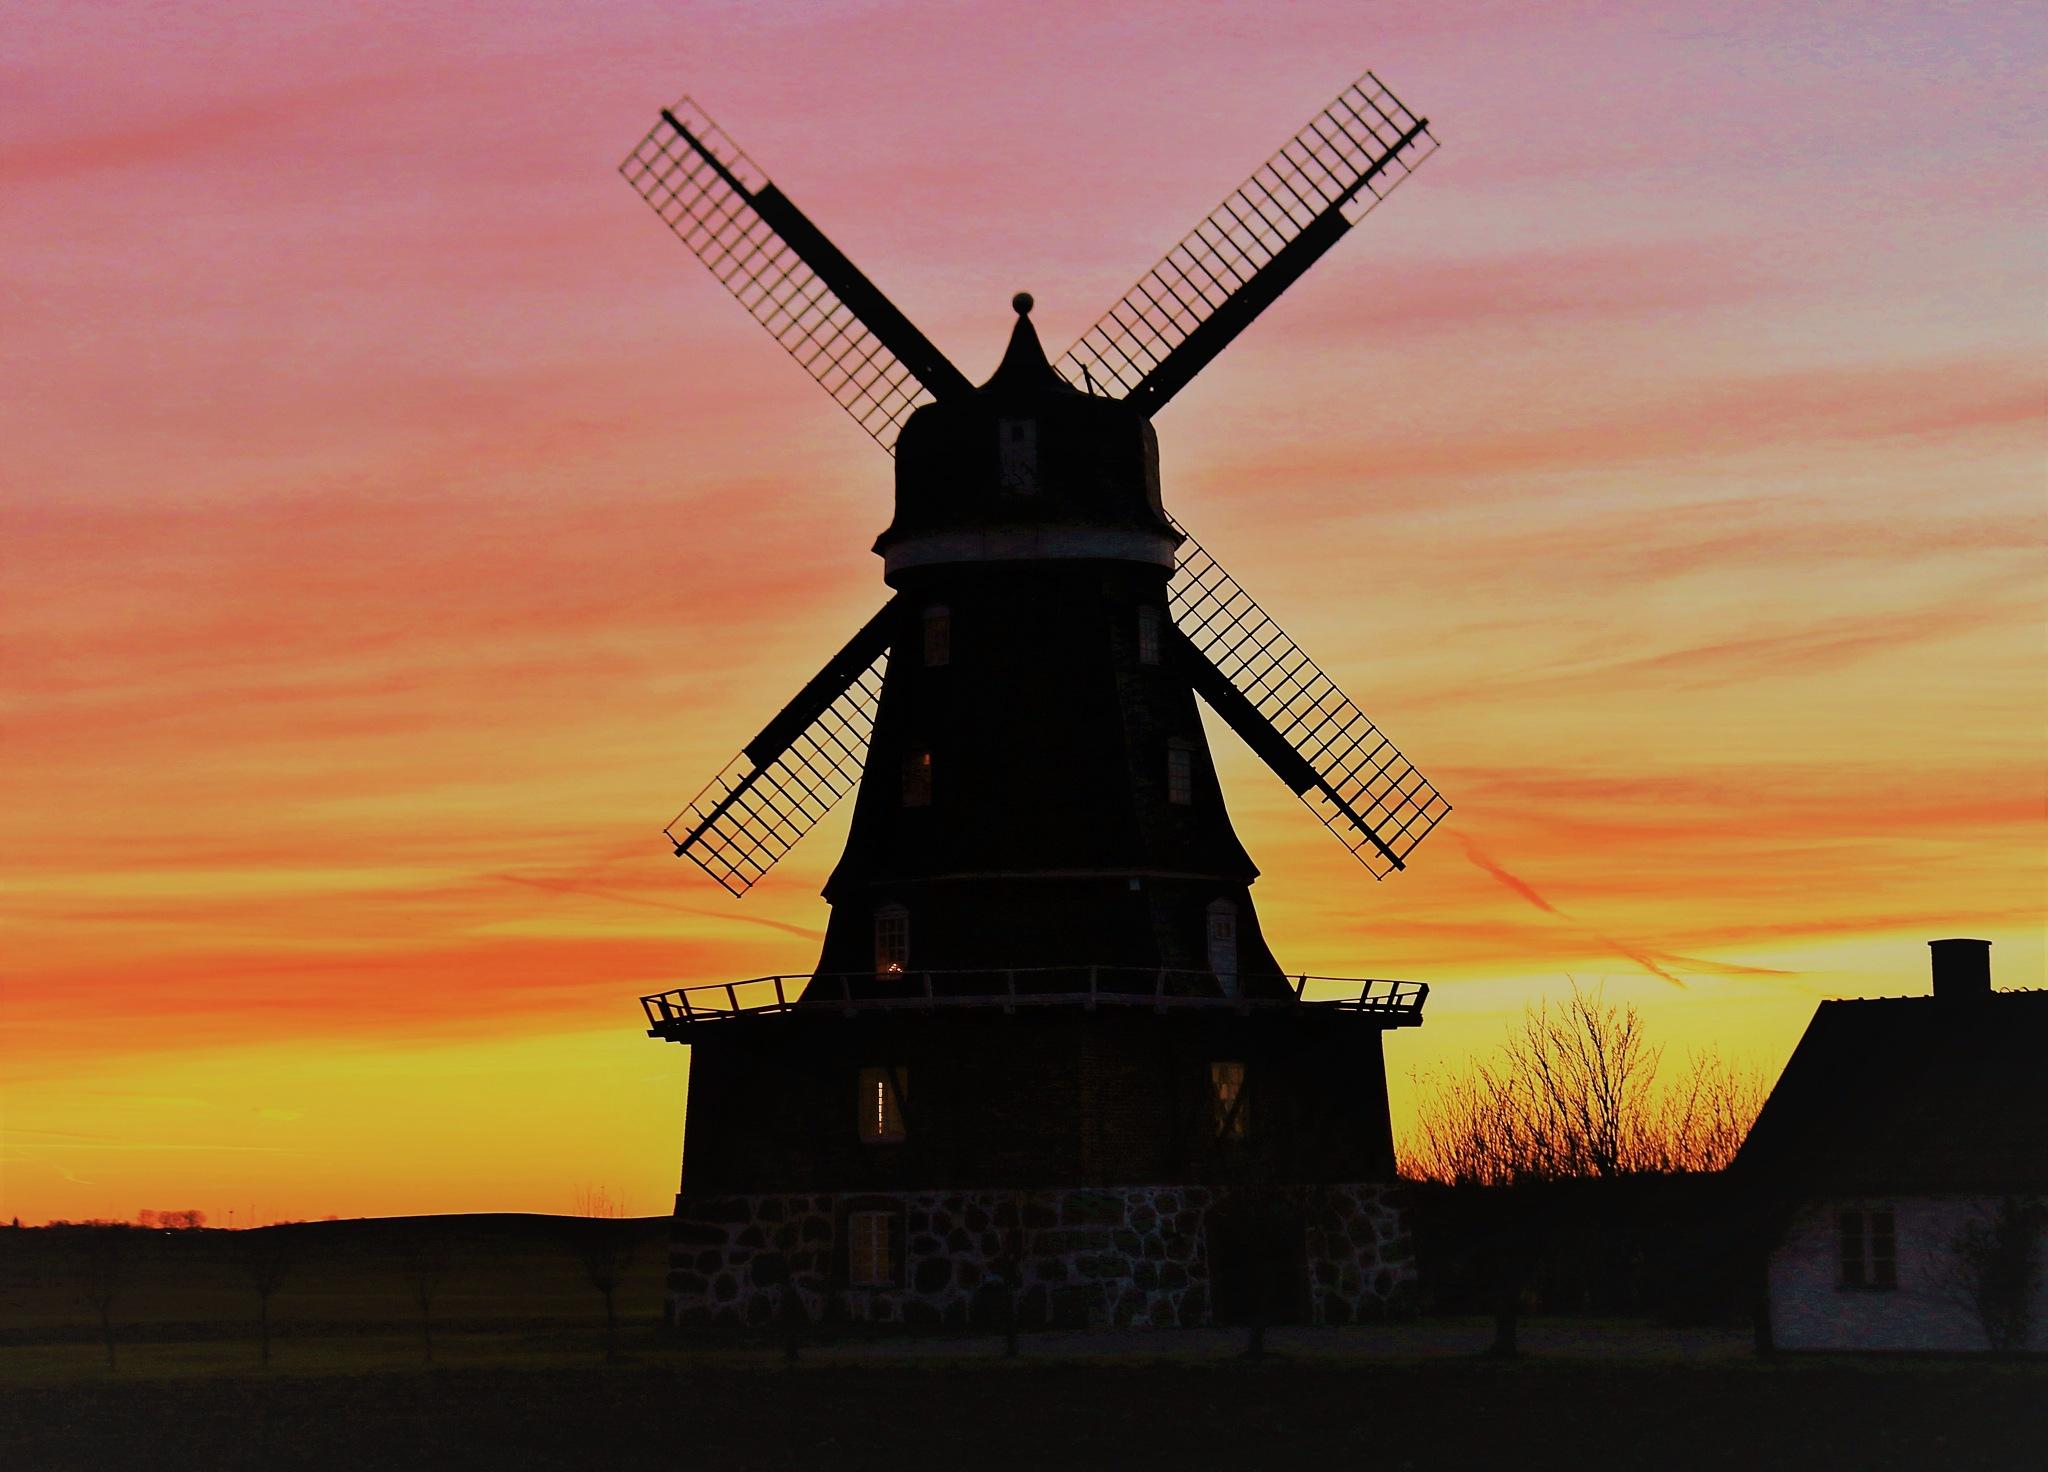 Windmill in Krageholm. by KerstinP.